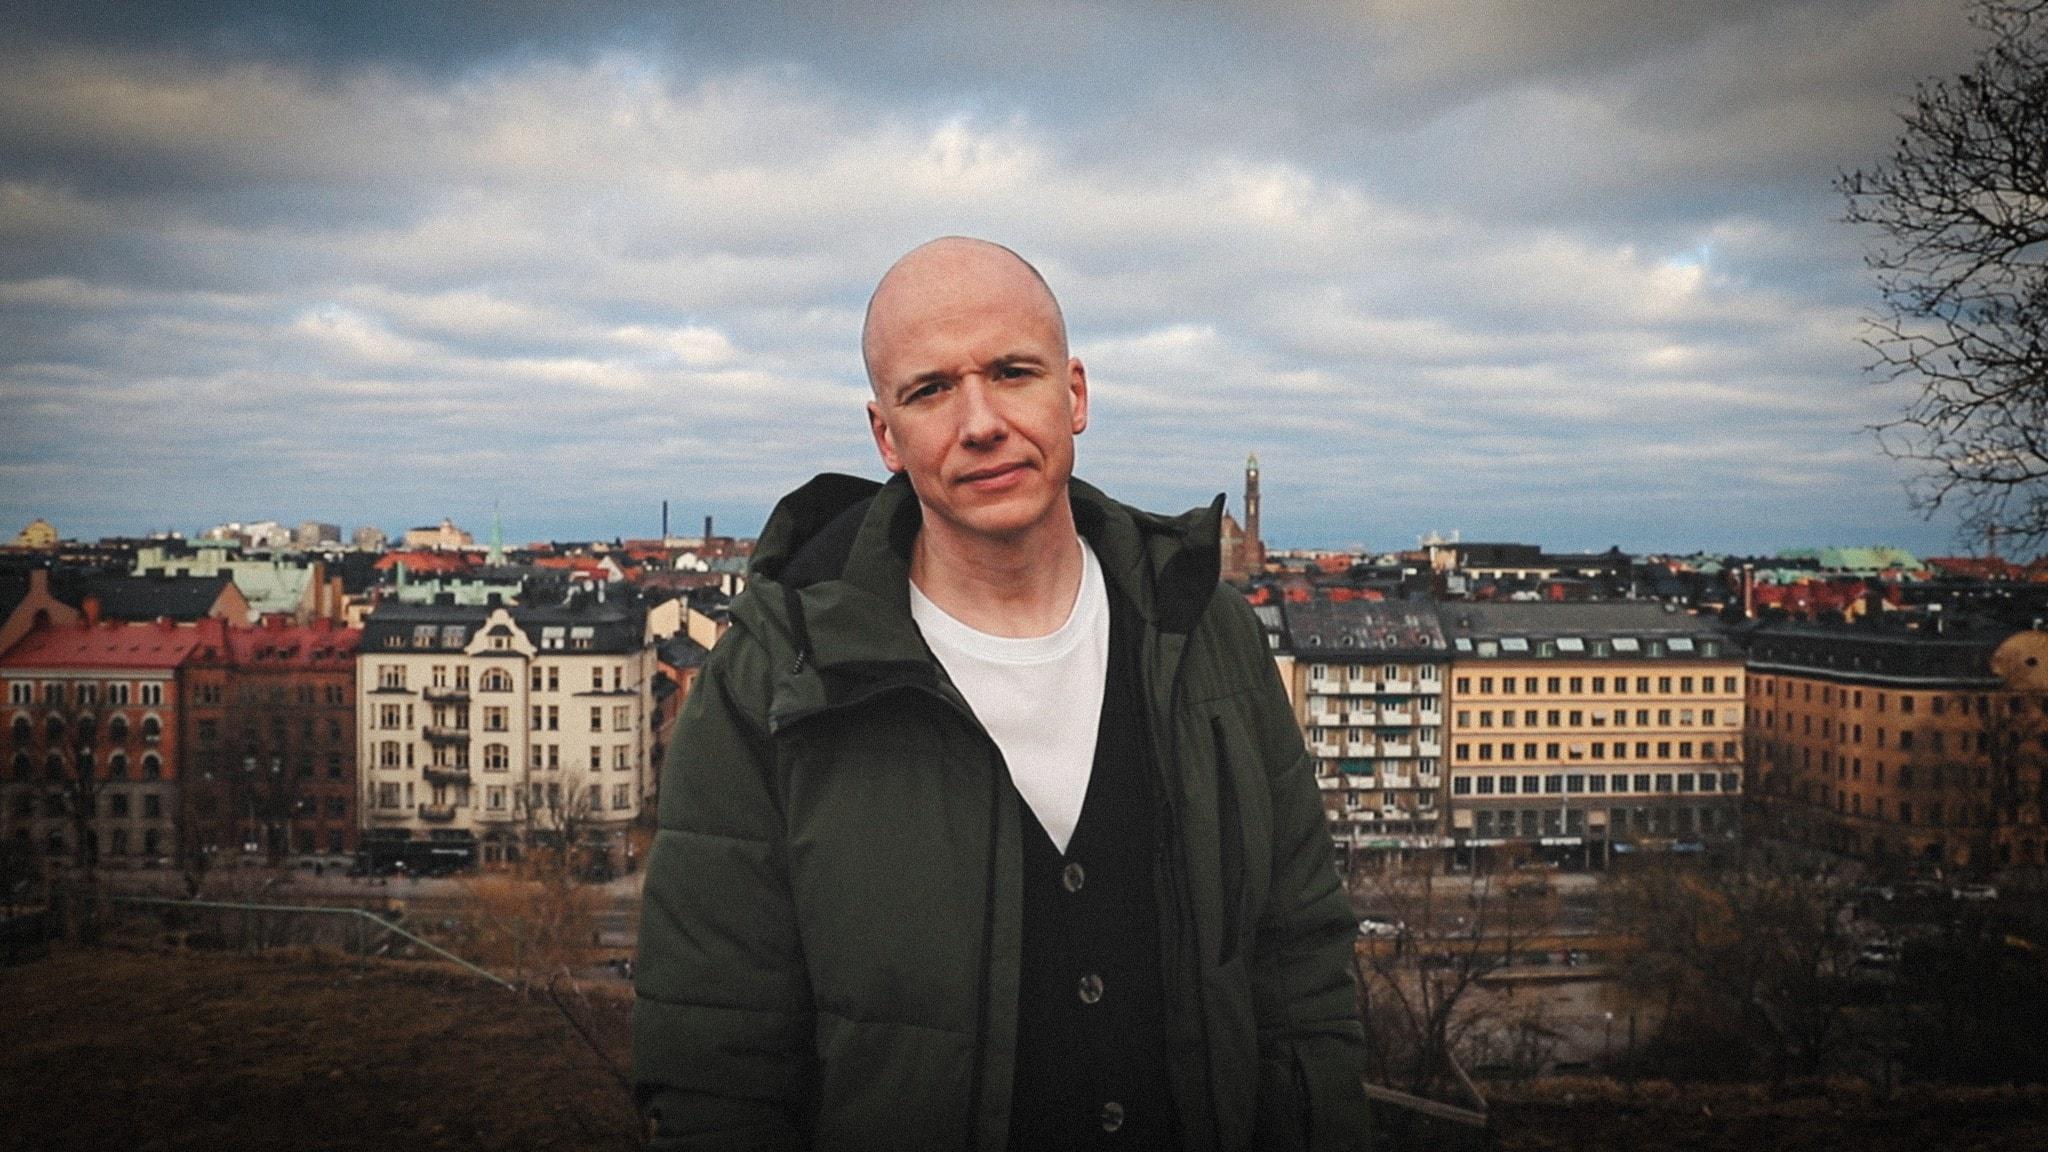 Porträttbild av författaren Daniel Åberg, utomhus med en Stockholmsvy bakom sig.